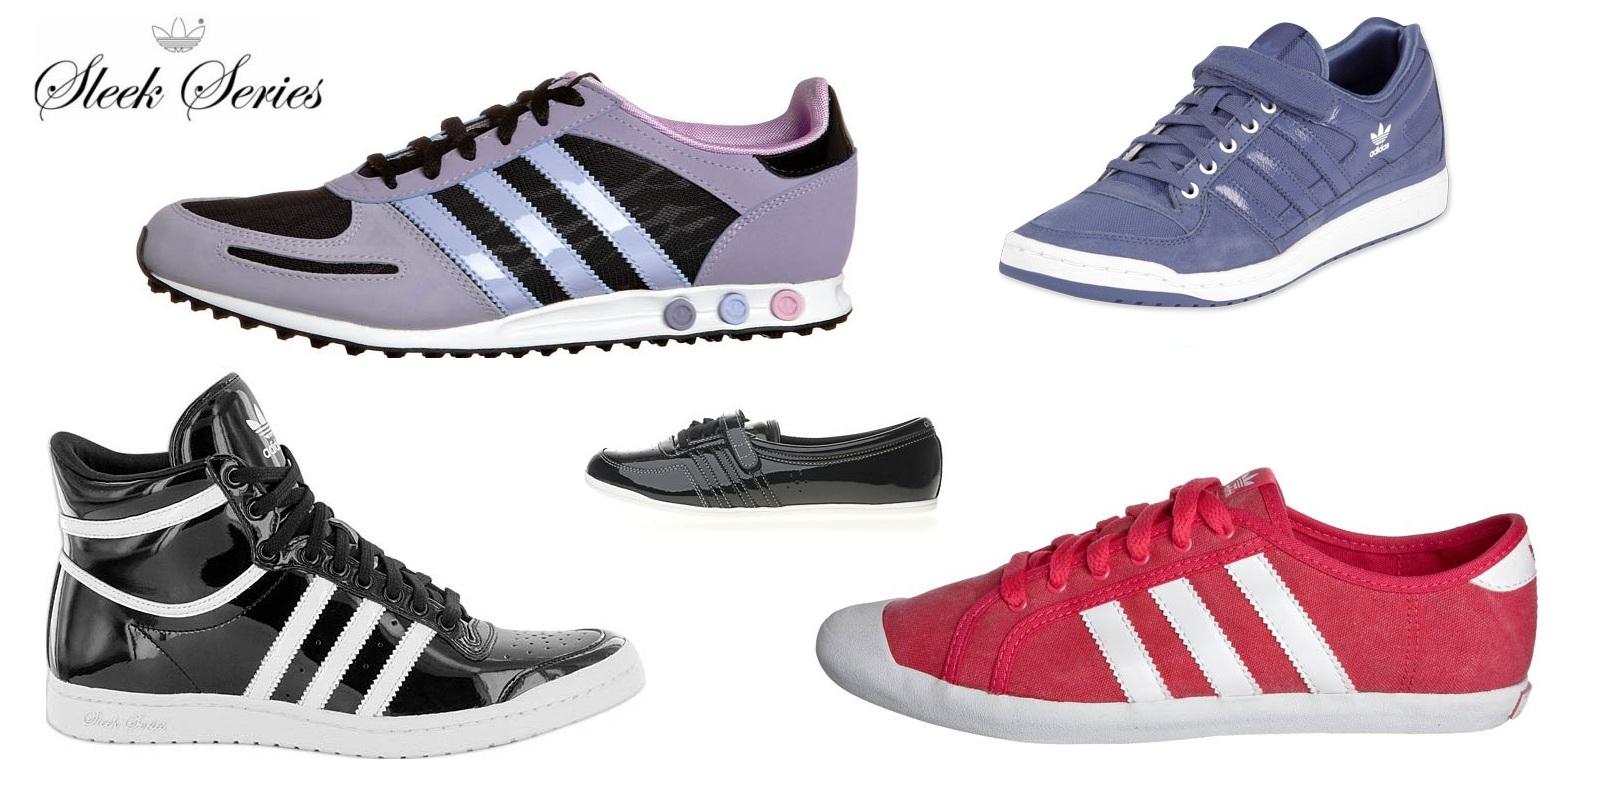 Adidas Damen Schuhe Sleek Series.